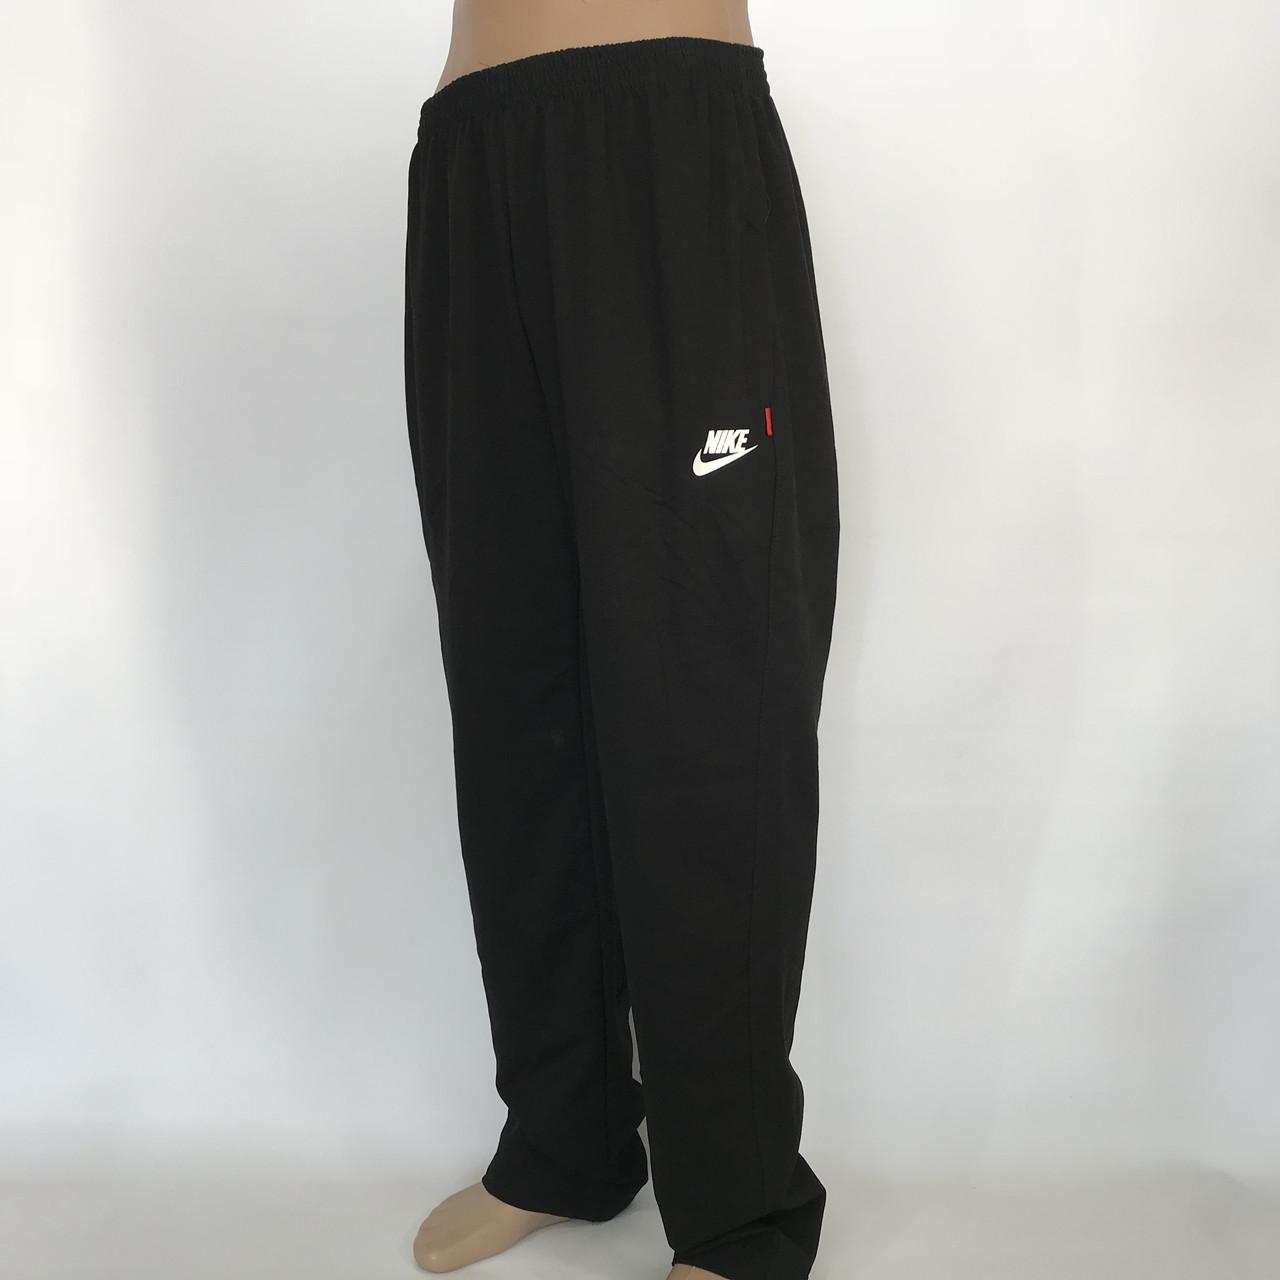 Спортивные штаны прямые в стиле Nike (большой размер) трикотажные р. 56,58,60,62,64 черные